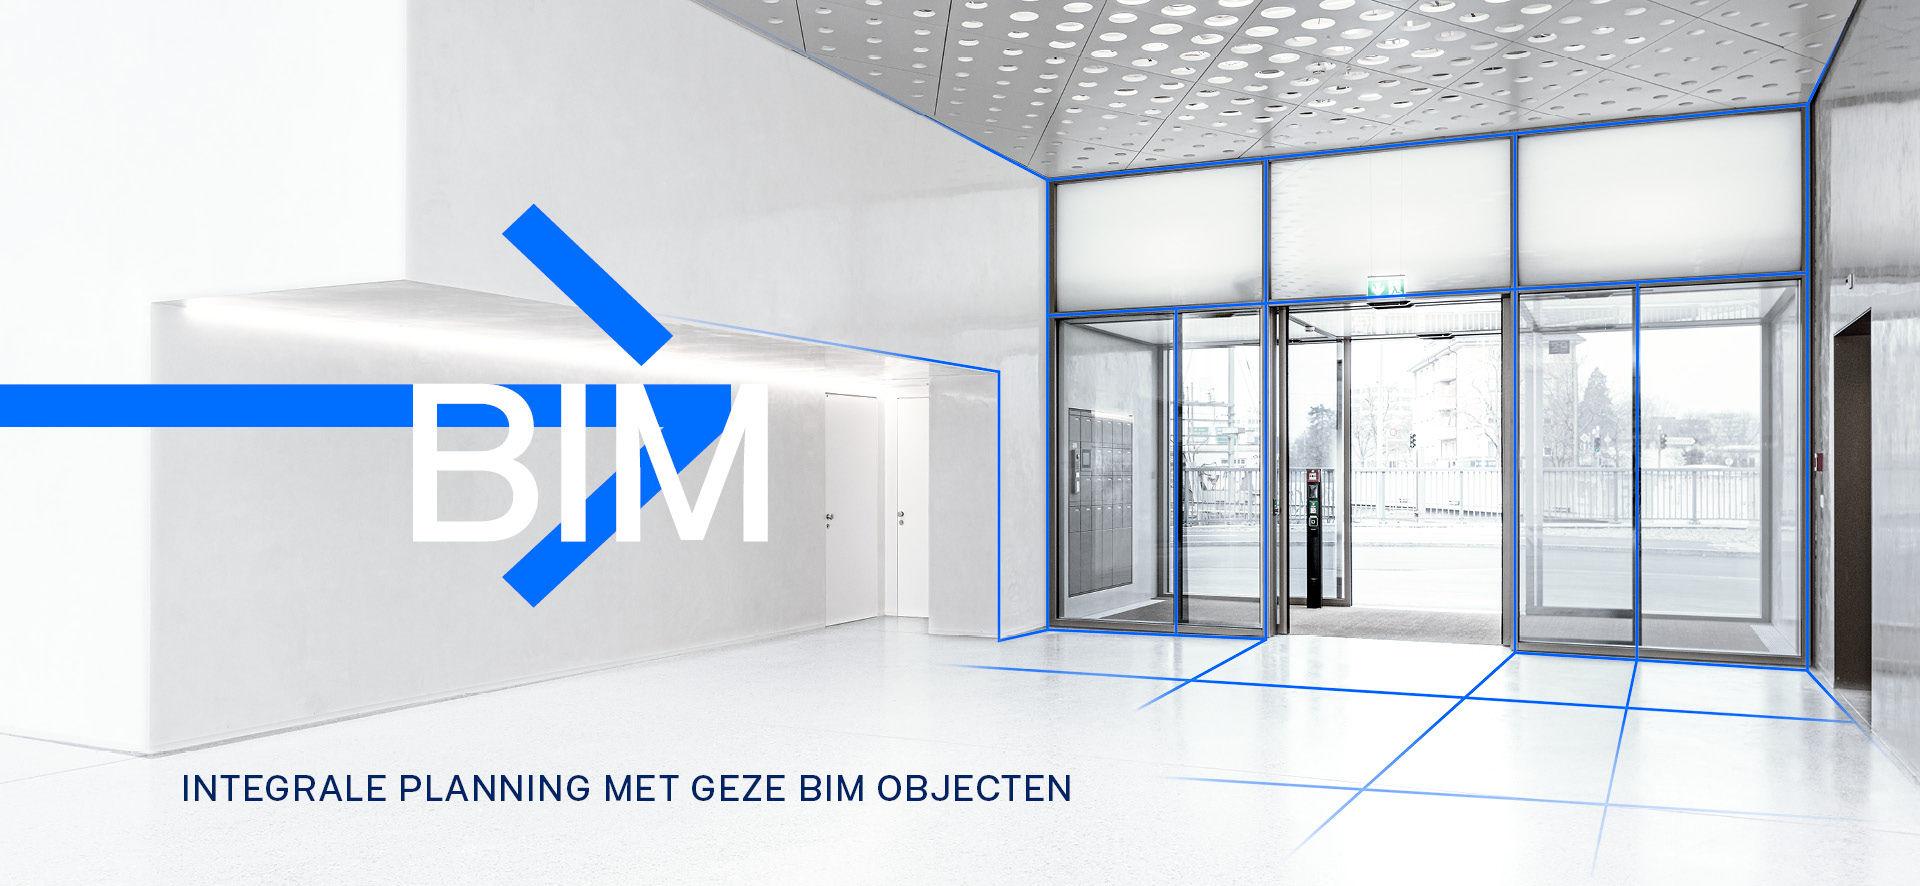 BIM - Integrale planning met BIM-objecten